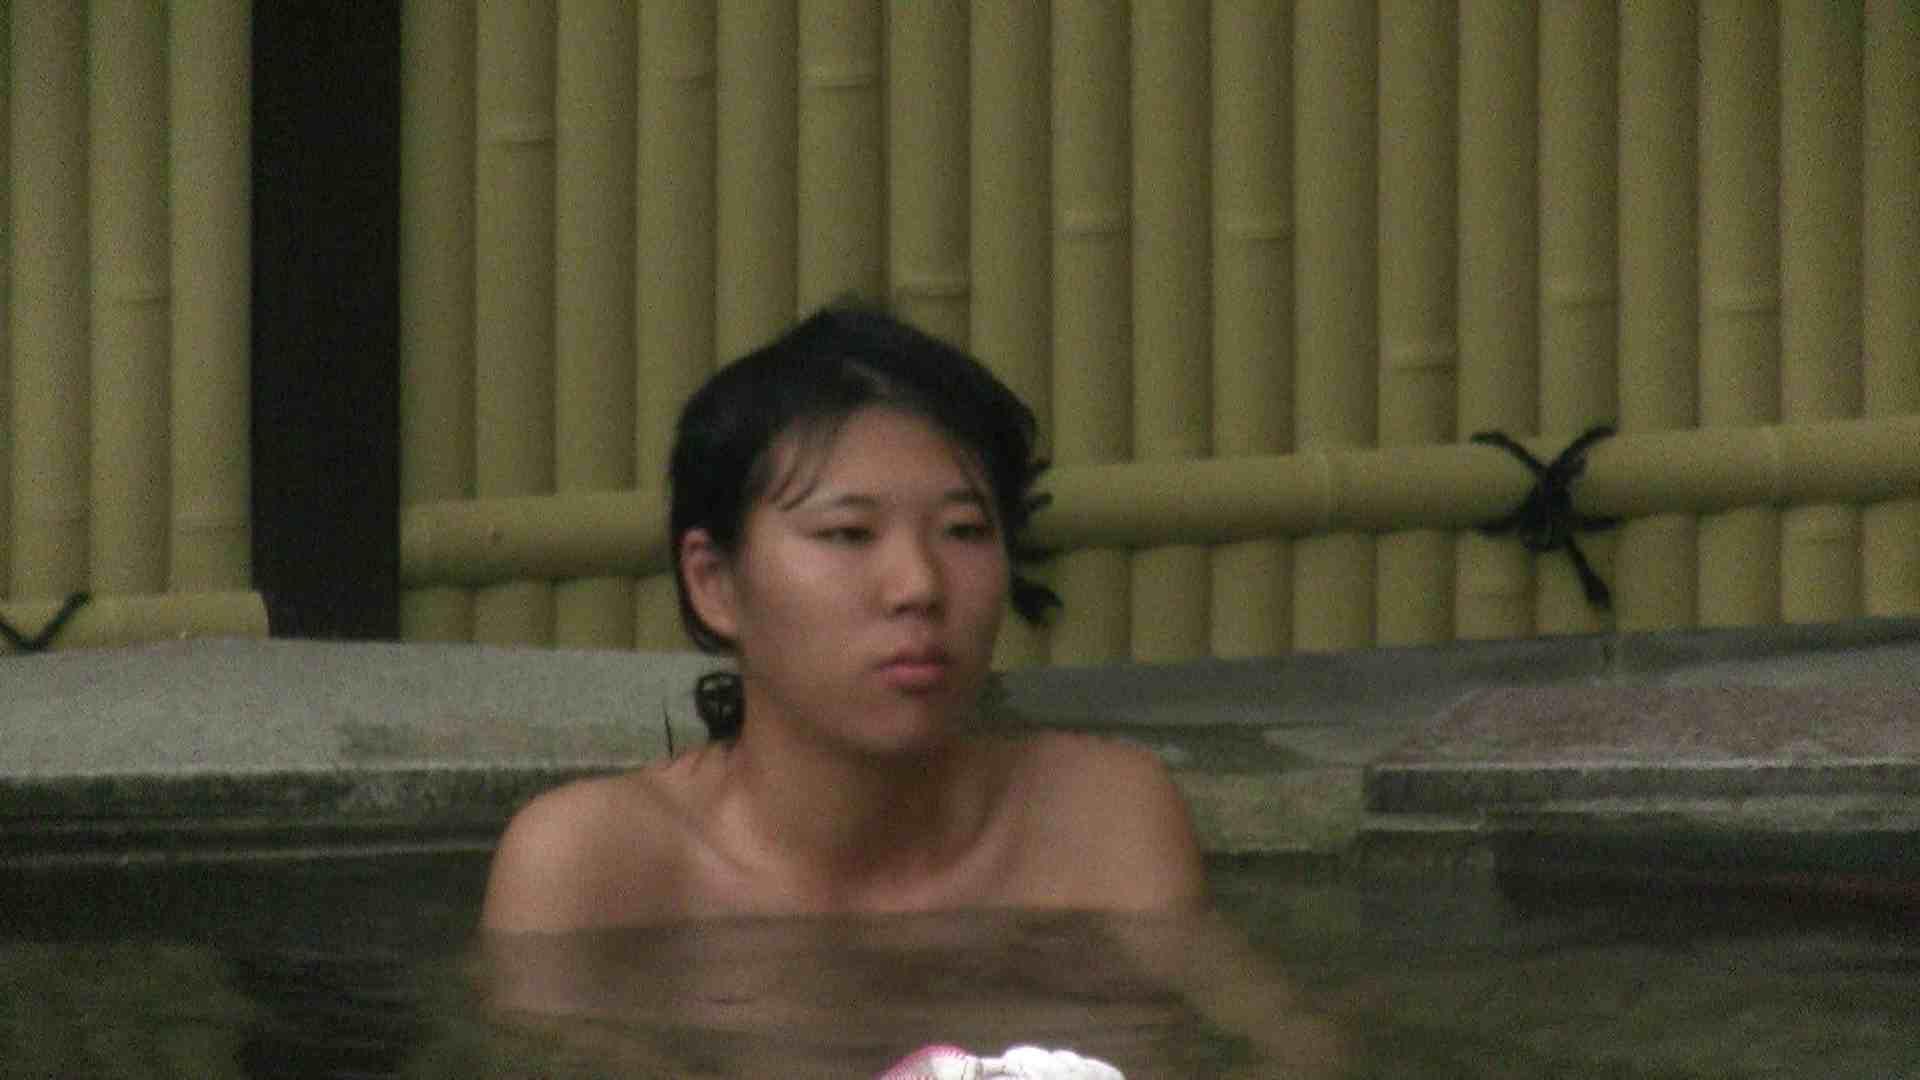 Aquaな露天風呂Vol.215 OLエロ画像  70PICs 15